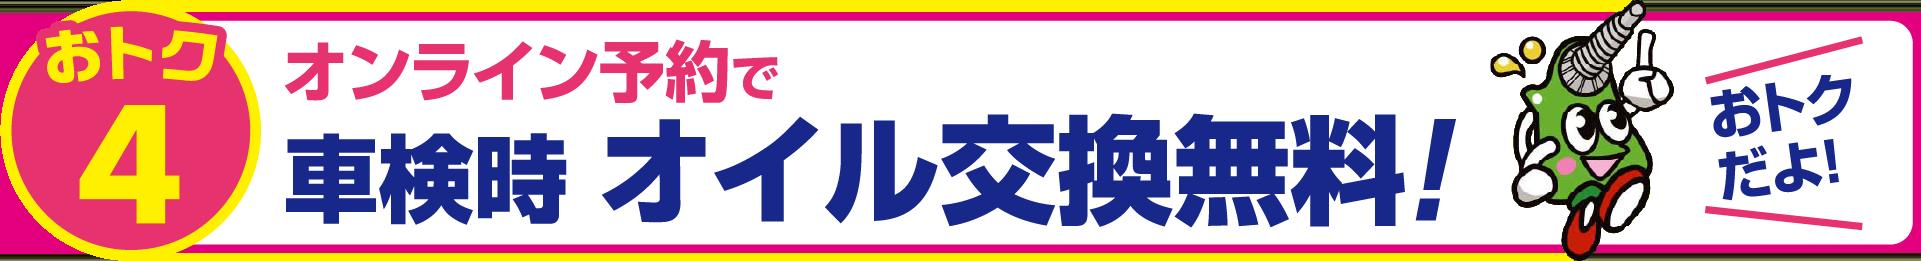 おトク4 車検時 オイル交換無料!